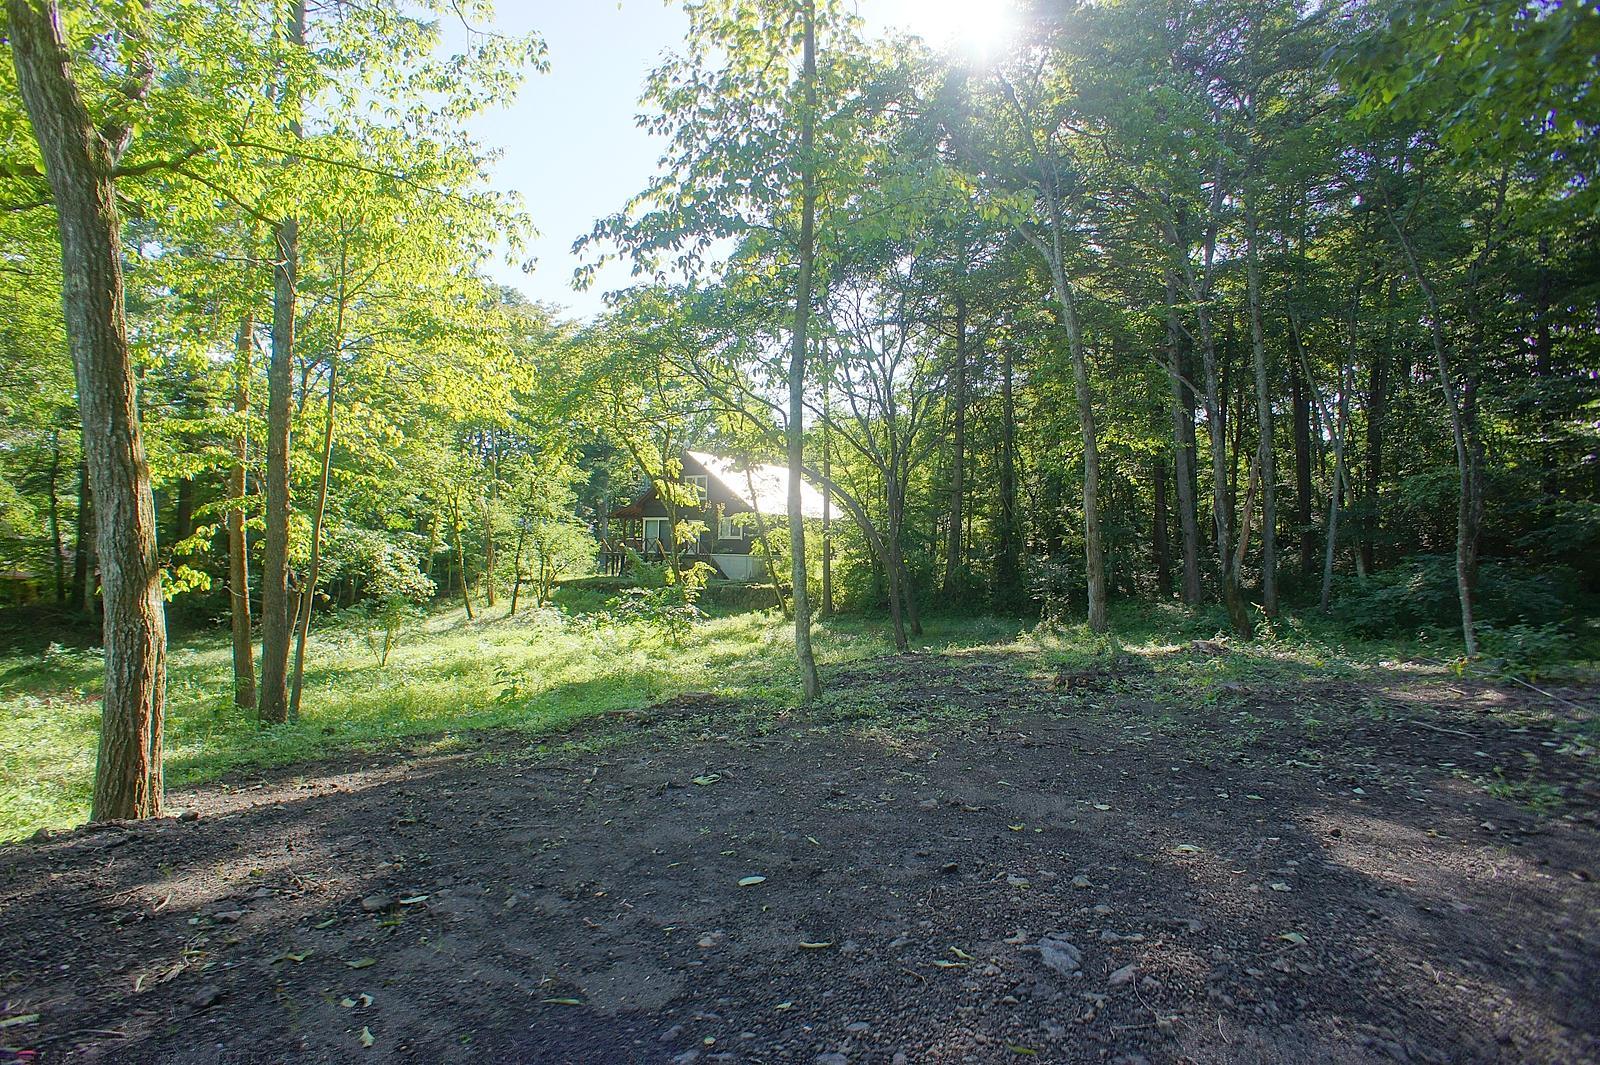 敷地中央を望む。緑に覆われて、太陽の光を浴びたら、ストレスも吹き飛んでいくことでしょう。